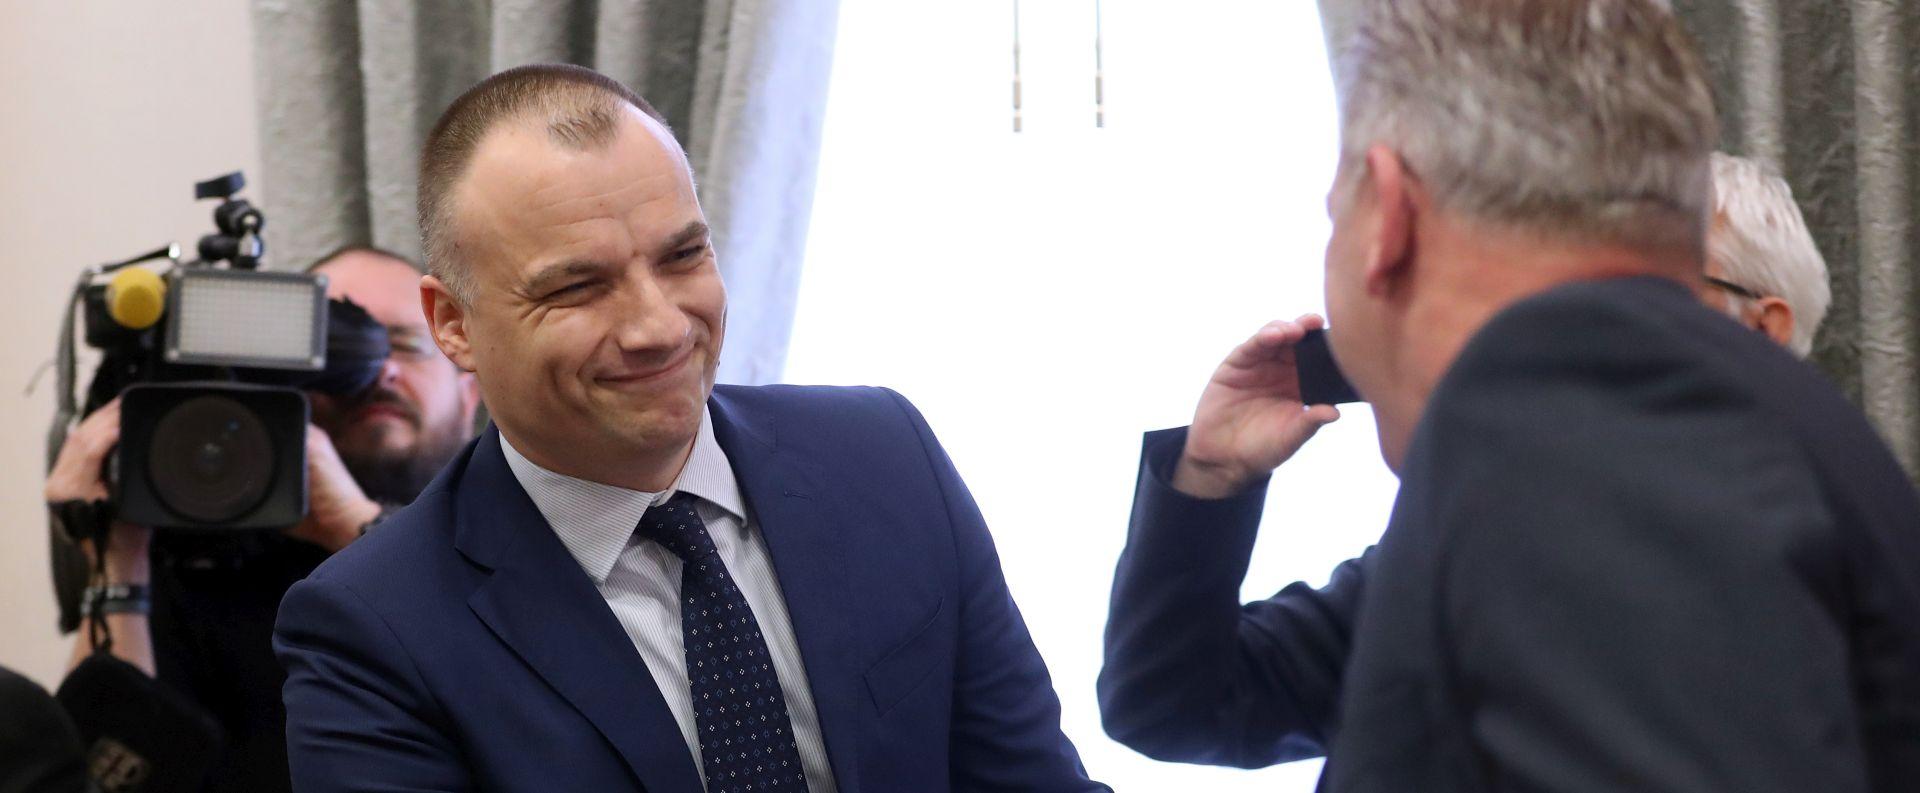 """MARKIĆ """"Dalić nije mogla niti je tražila sigurnosnu provjeru skupine Borg"""""""